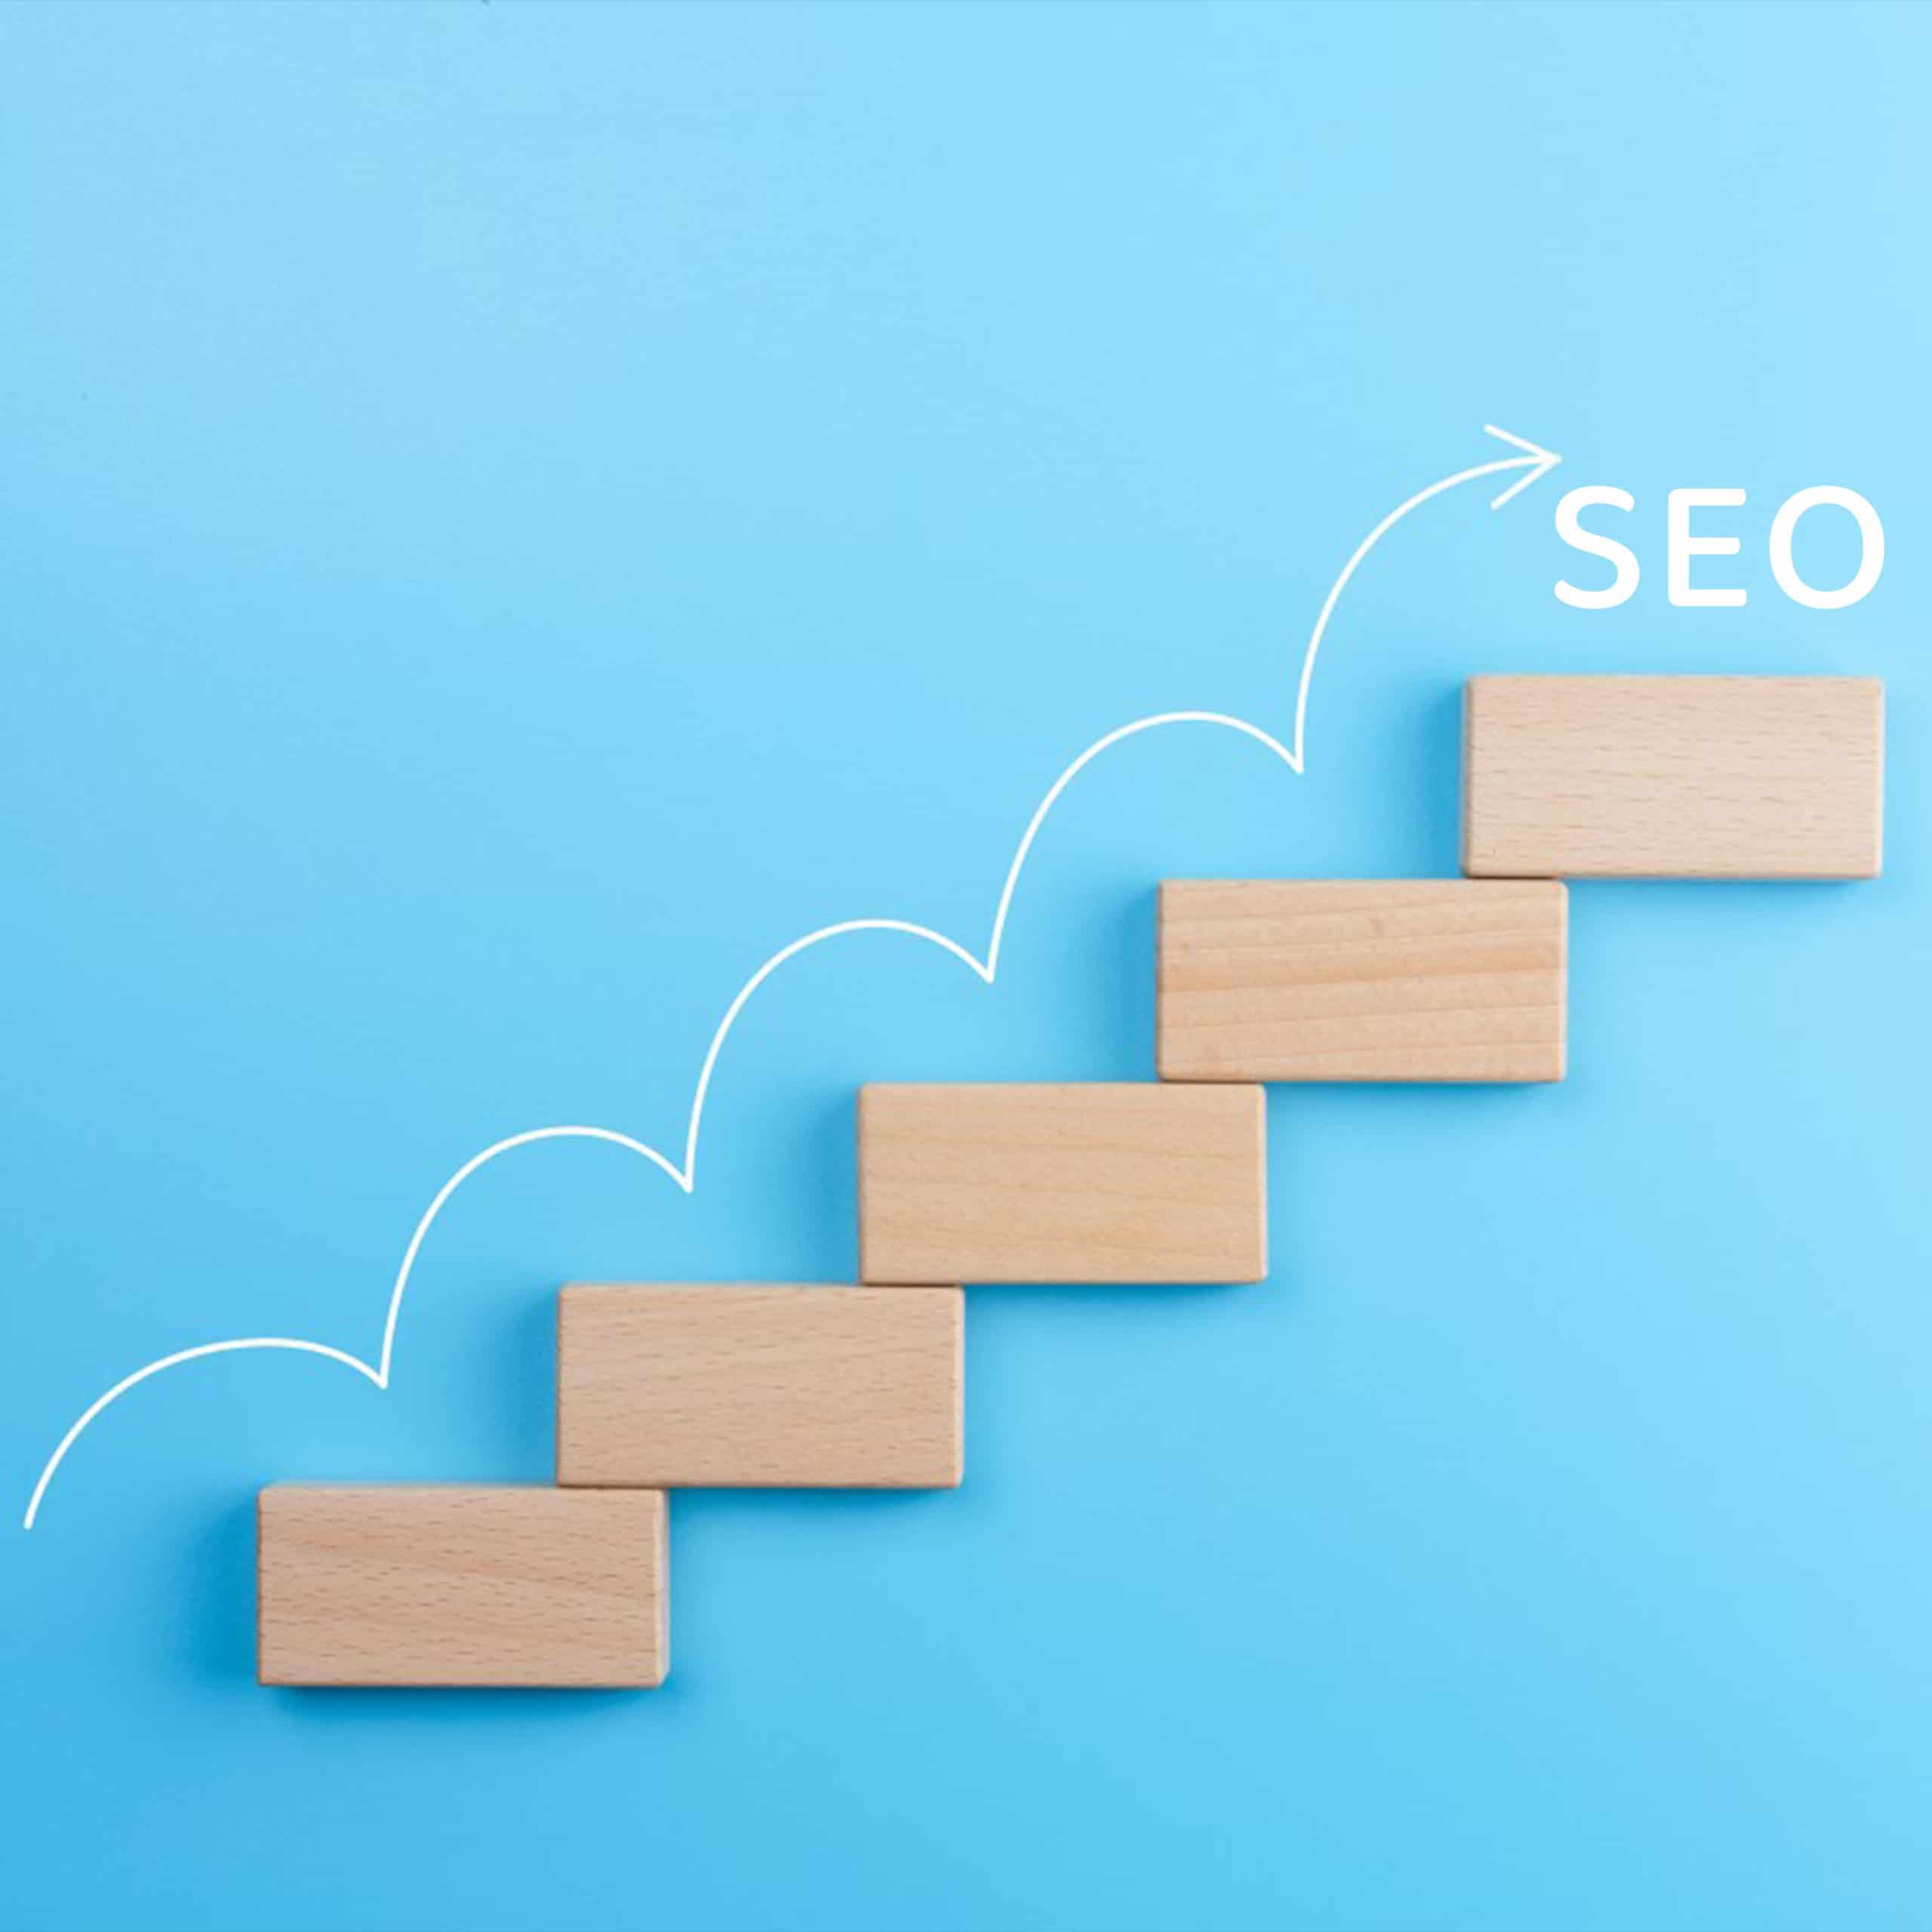 La viste virtuelle pour vos stratégies marketing - SEO - 3D60